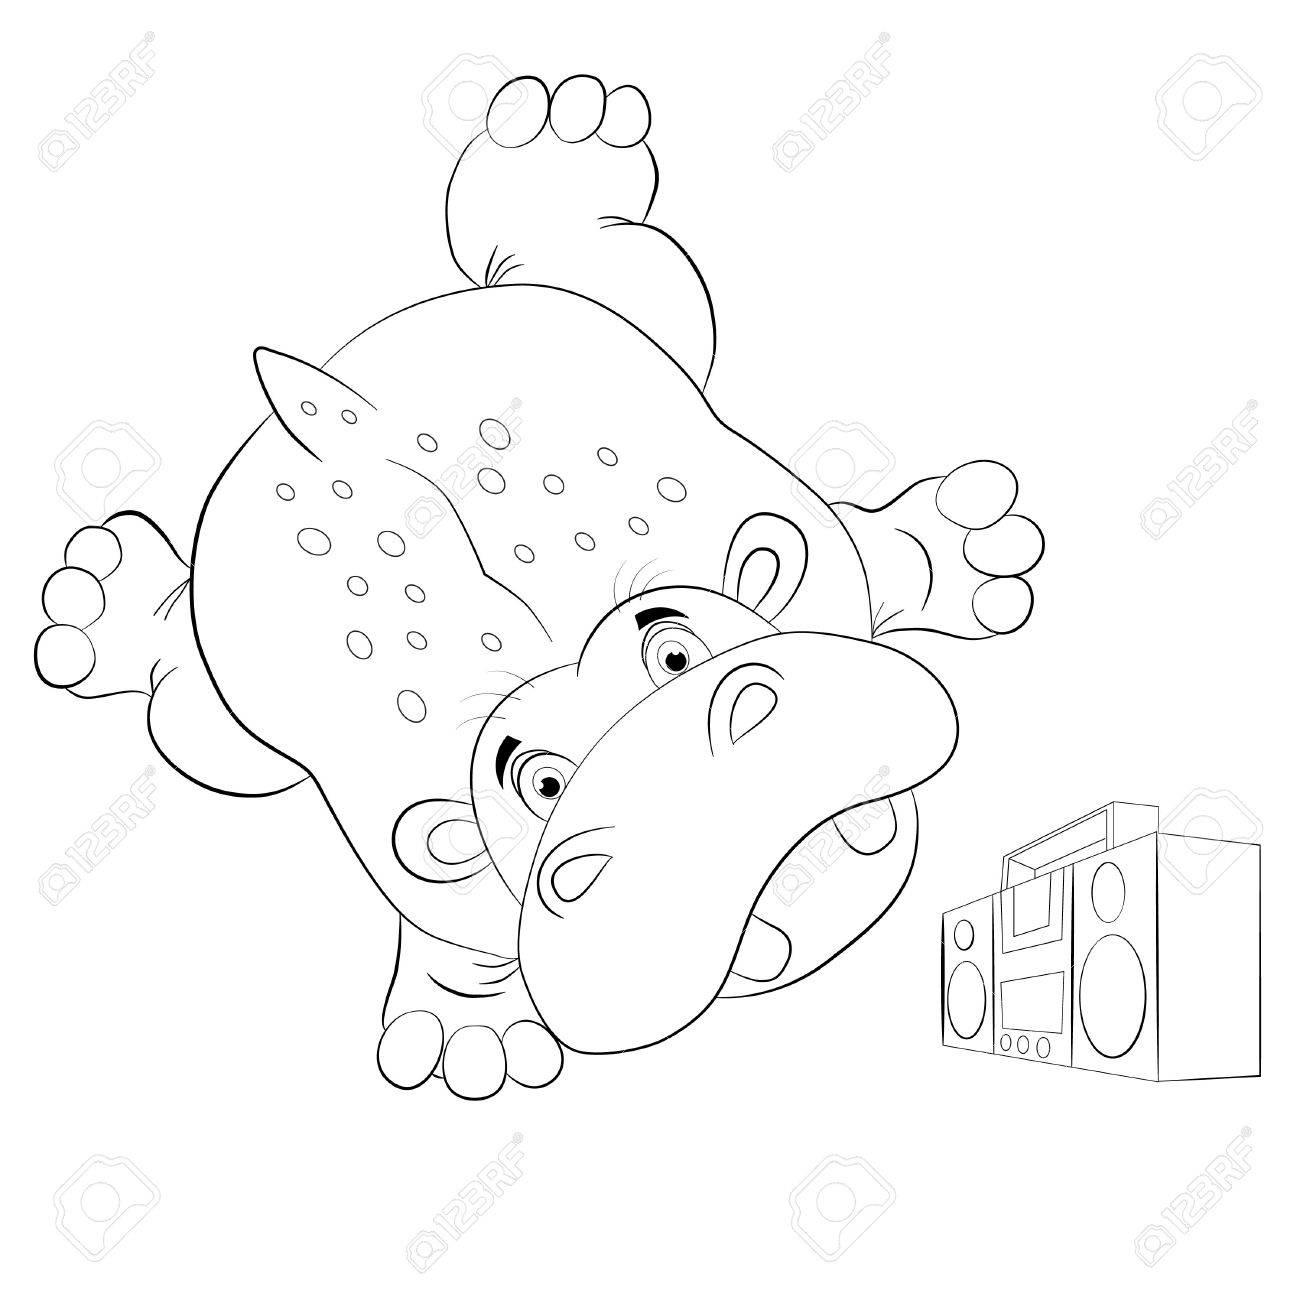 El Hipopótamo Divertido De Dibujos Animados Bailando Breakdance Y ...